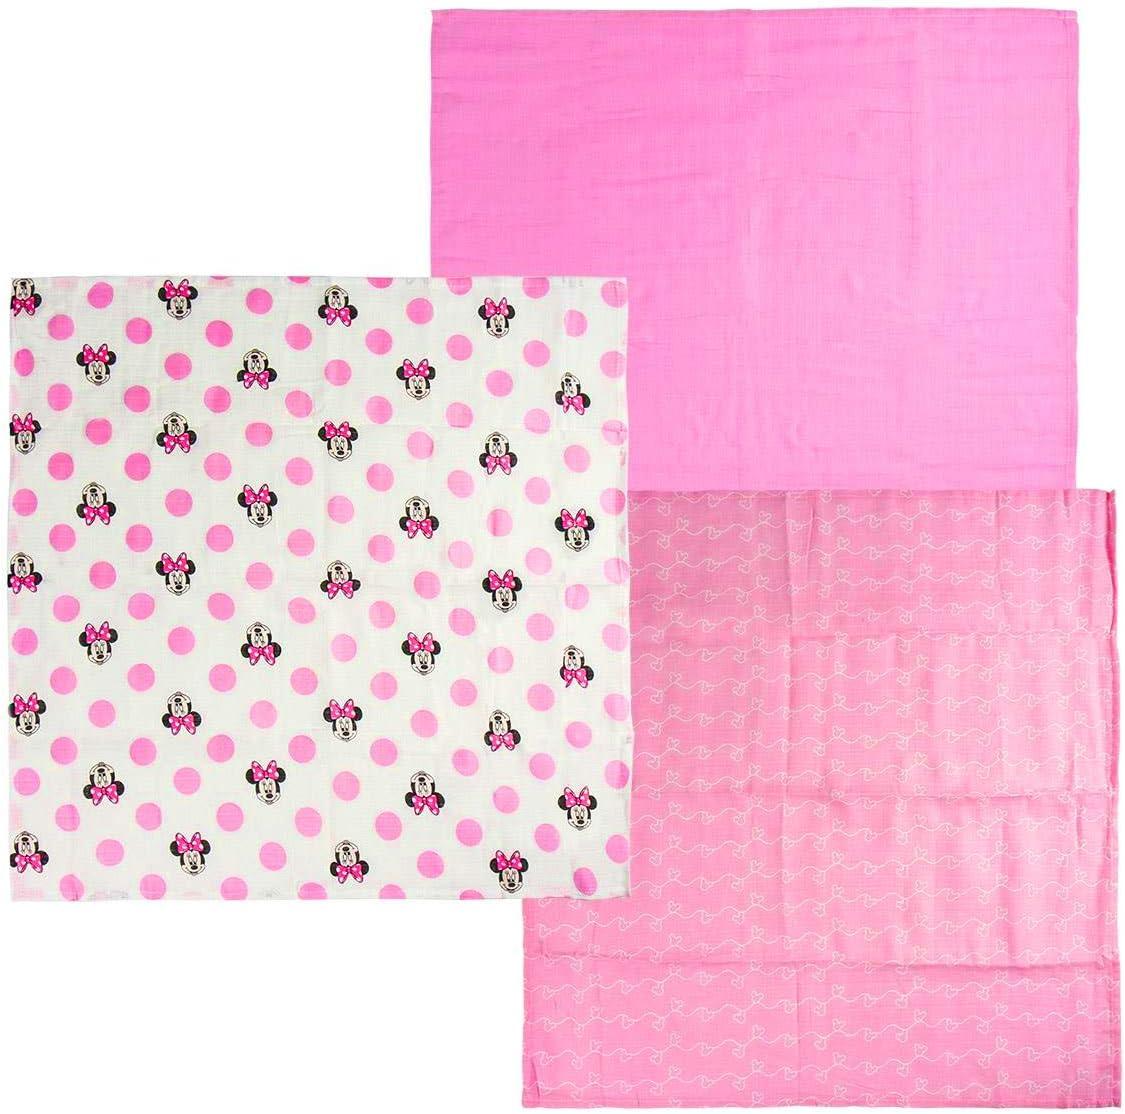 100 /% algod/ón suave 3 unidades 60 x 60 cm Manteles individuales de muselina de Minnie Mouse Disney color rosa Pack 1